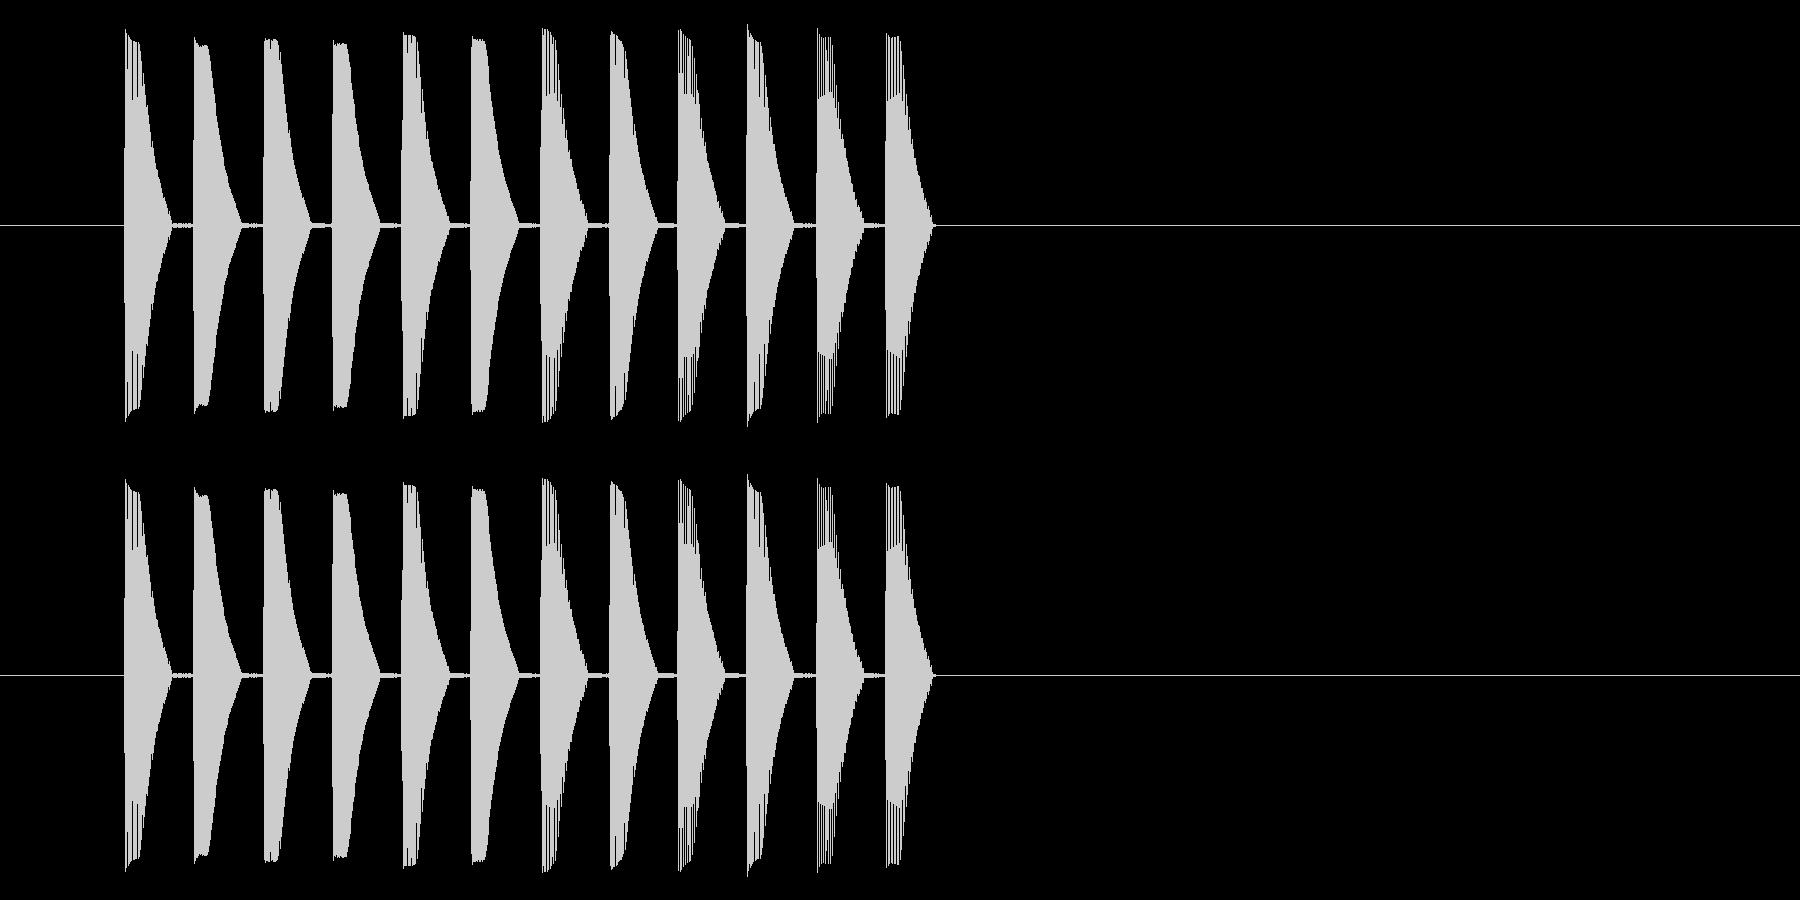 アーケード アクション01-5(ミス)の未再生の波形